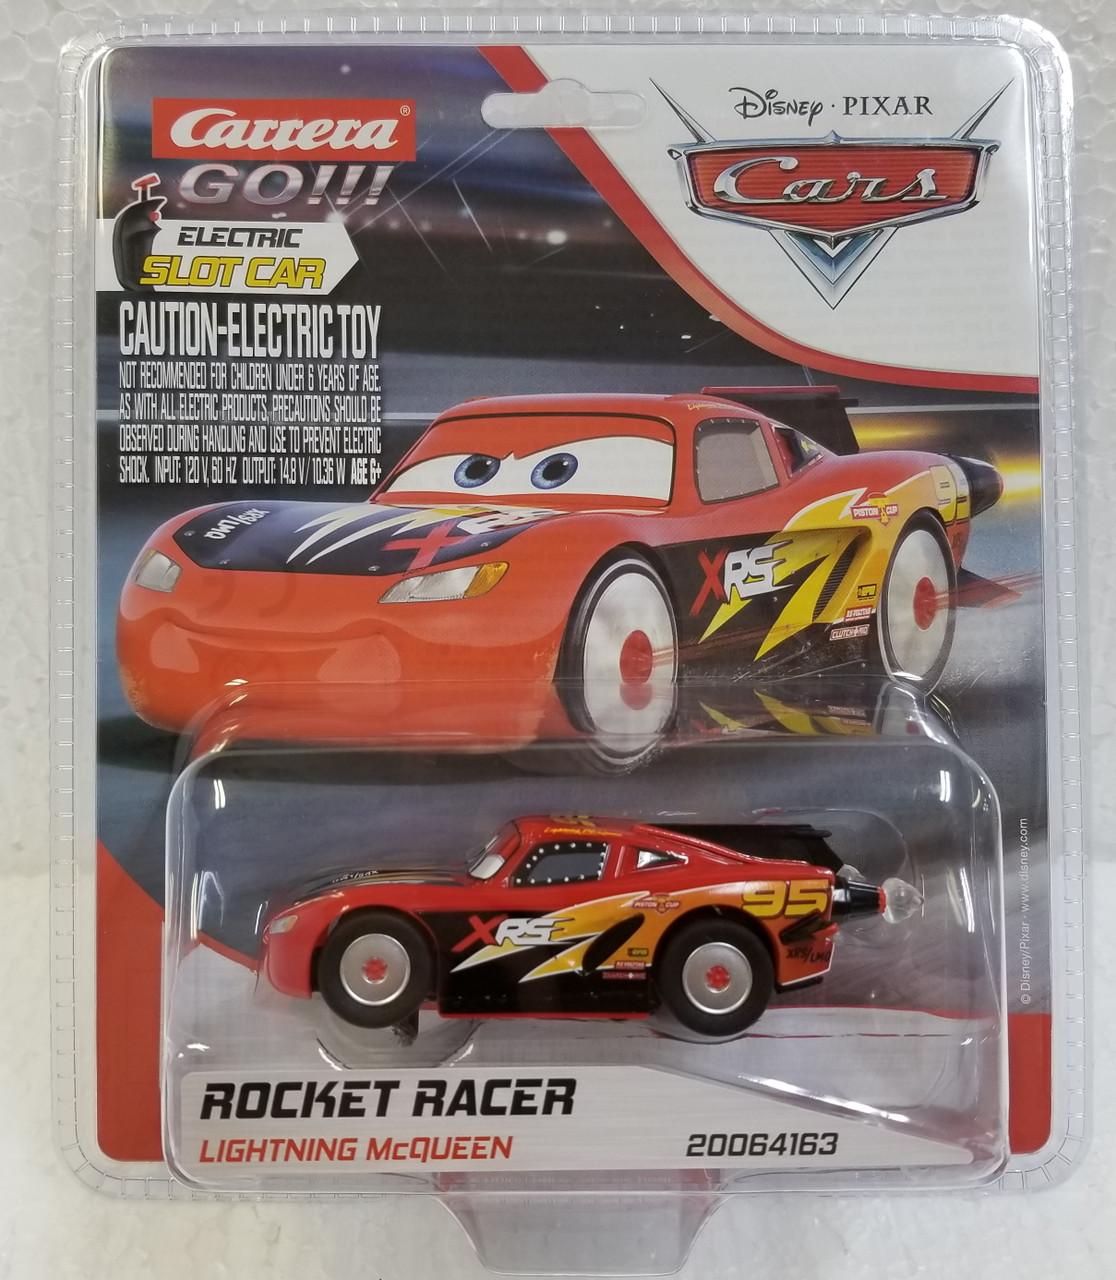 64163 Carrera Go Disney Cars Lightning Mcqueen Rocket Racer 95 143 Slot Car Great Traditions